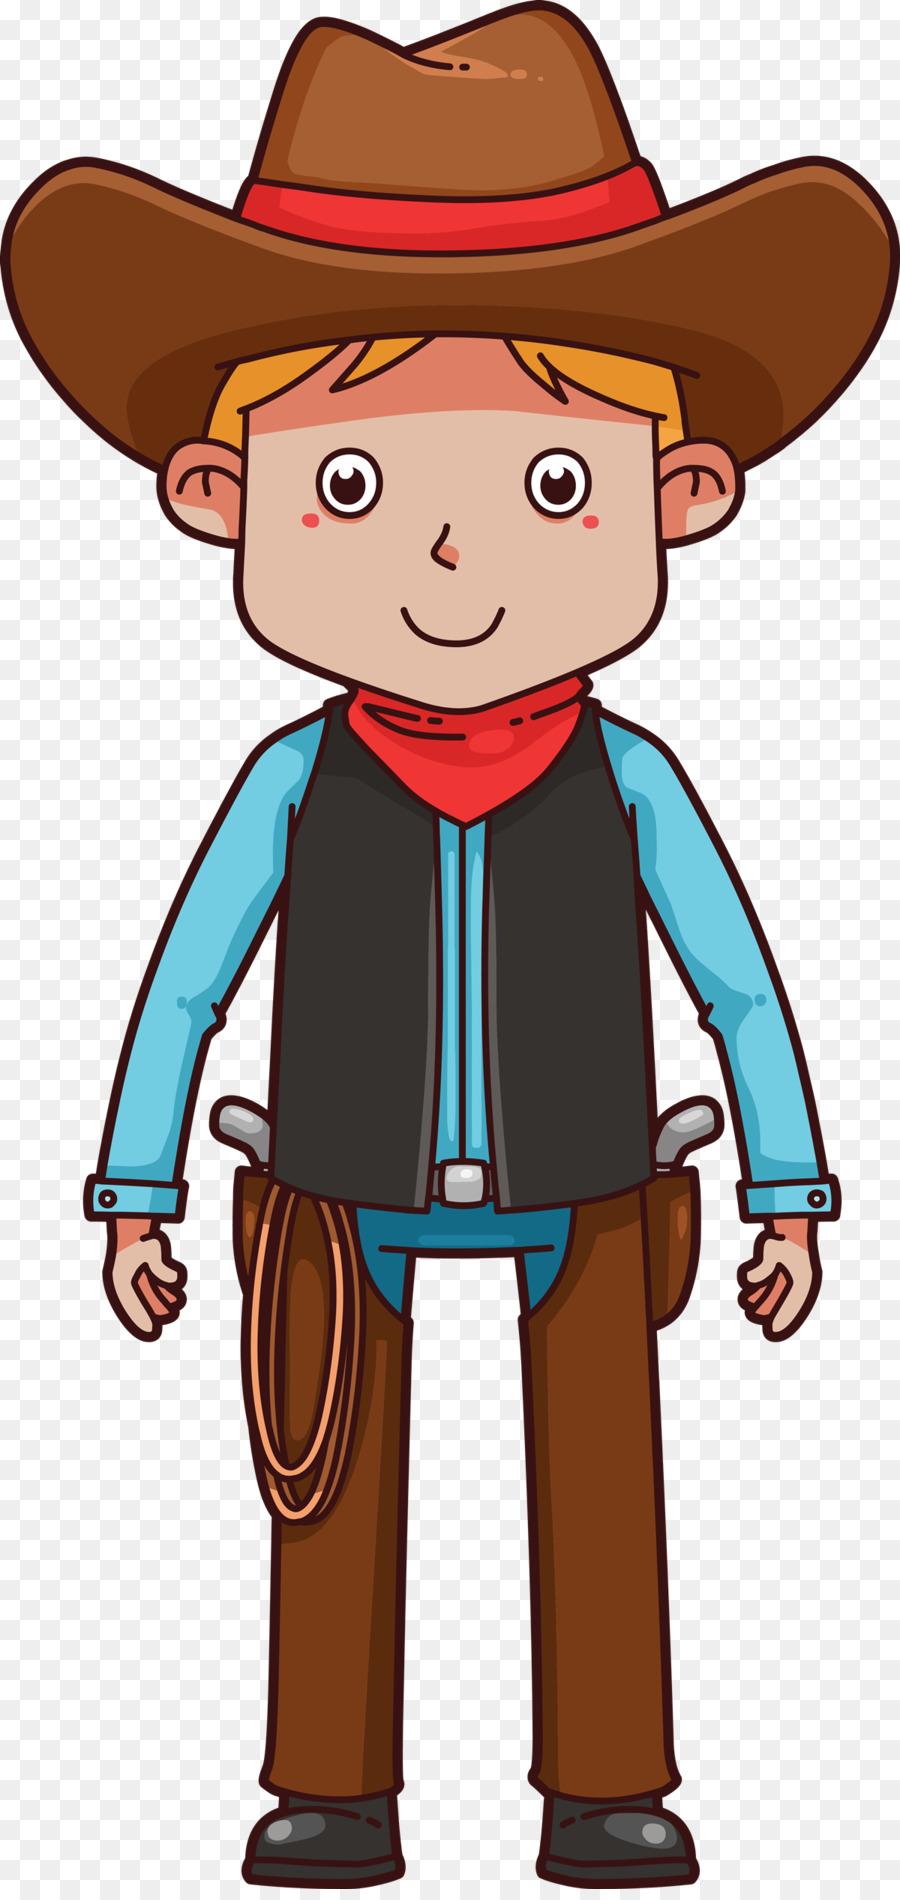 American frontier cartoon western. Boy clipart cowboy